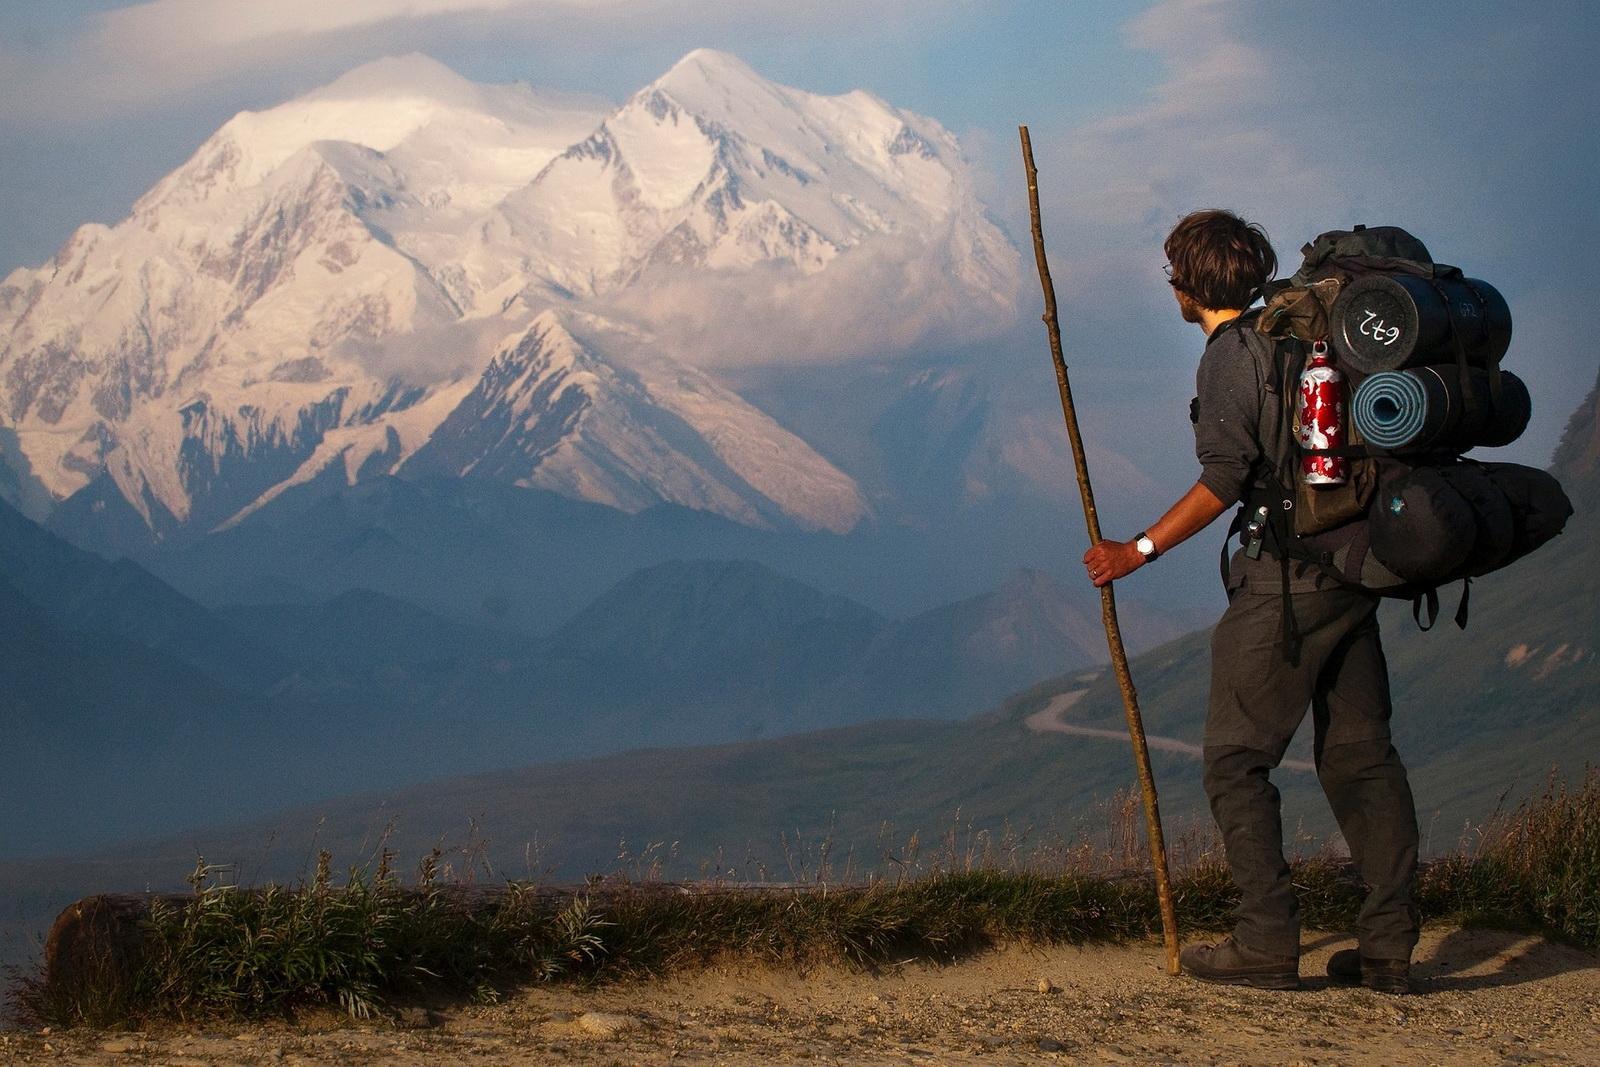 Bergwandern - kein Zahnarzt in Sicht - Selbsthilfe - Dr. Wunderlich Muenchen